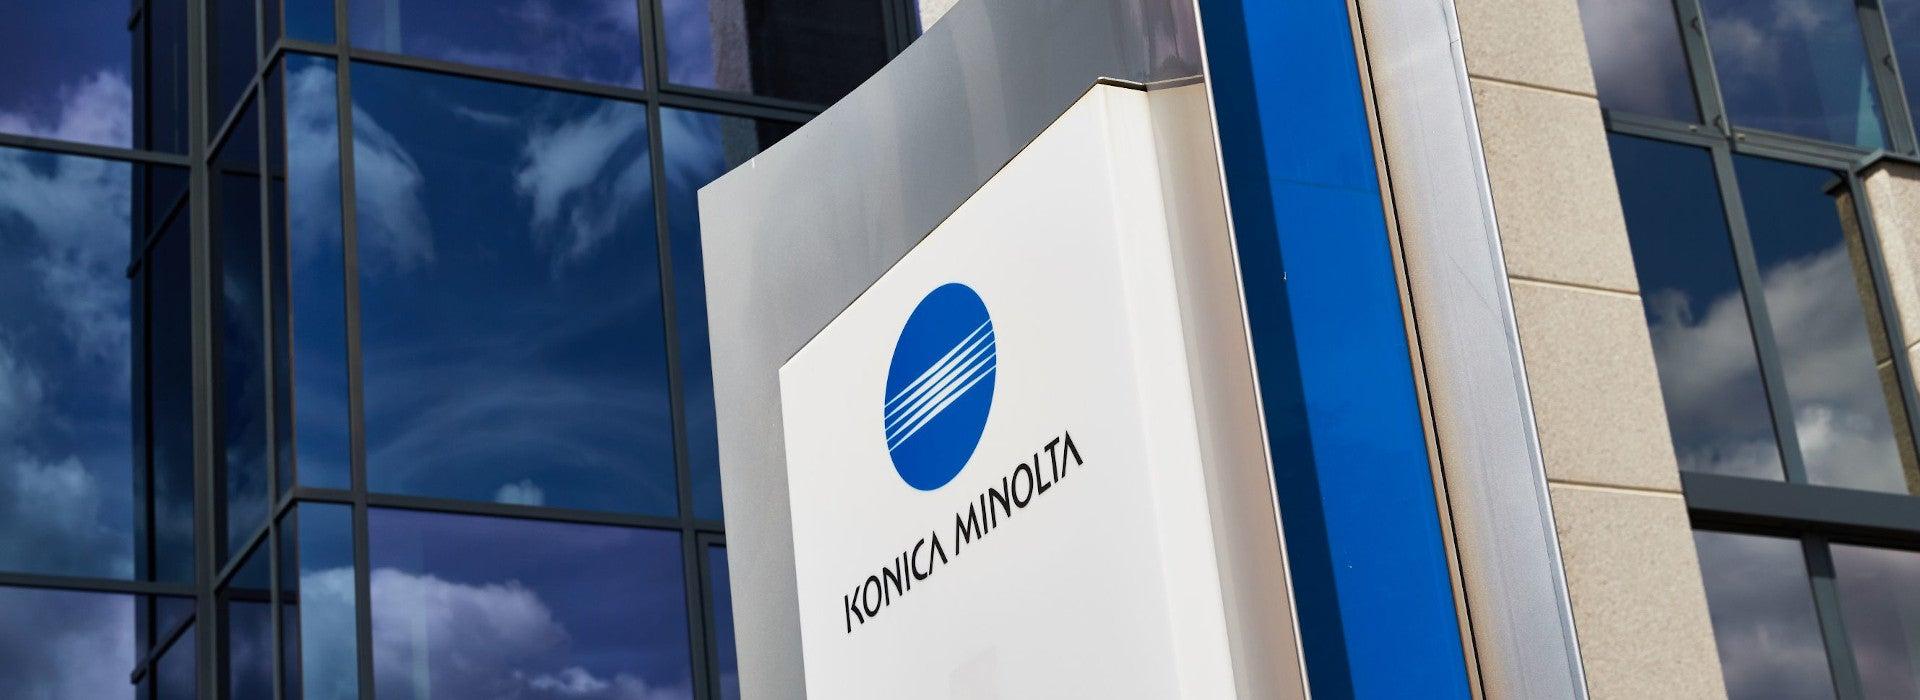 Konica Minolta y Zühlke establecen una estrecha asociación de innovación con el objetivo de respaldar futuras soluciones para el espacio de trabajo